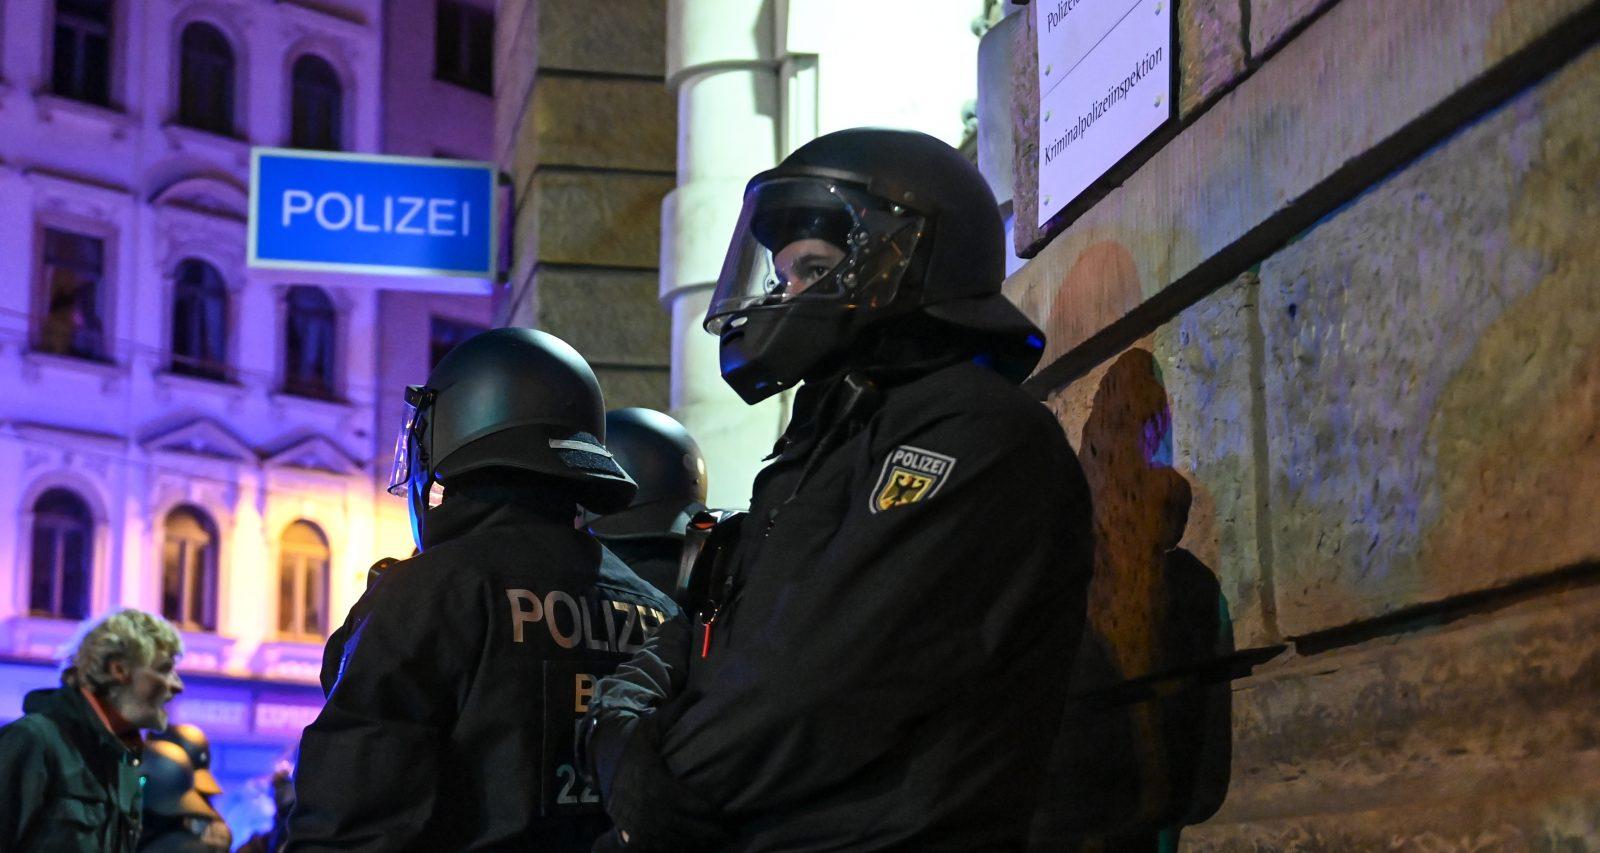 Bundespolizisten sichern ein Polizeirevier in Leipzig nach den Ausschreitungen linksextremer Gewalttäter Foto: picture alliance/Hendrik Schmidt/dpa-Zentralbild/dpa